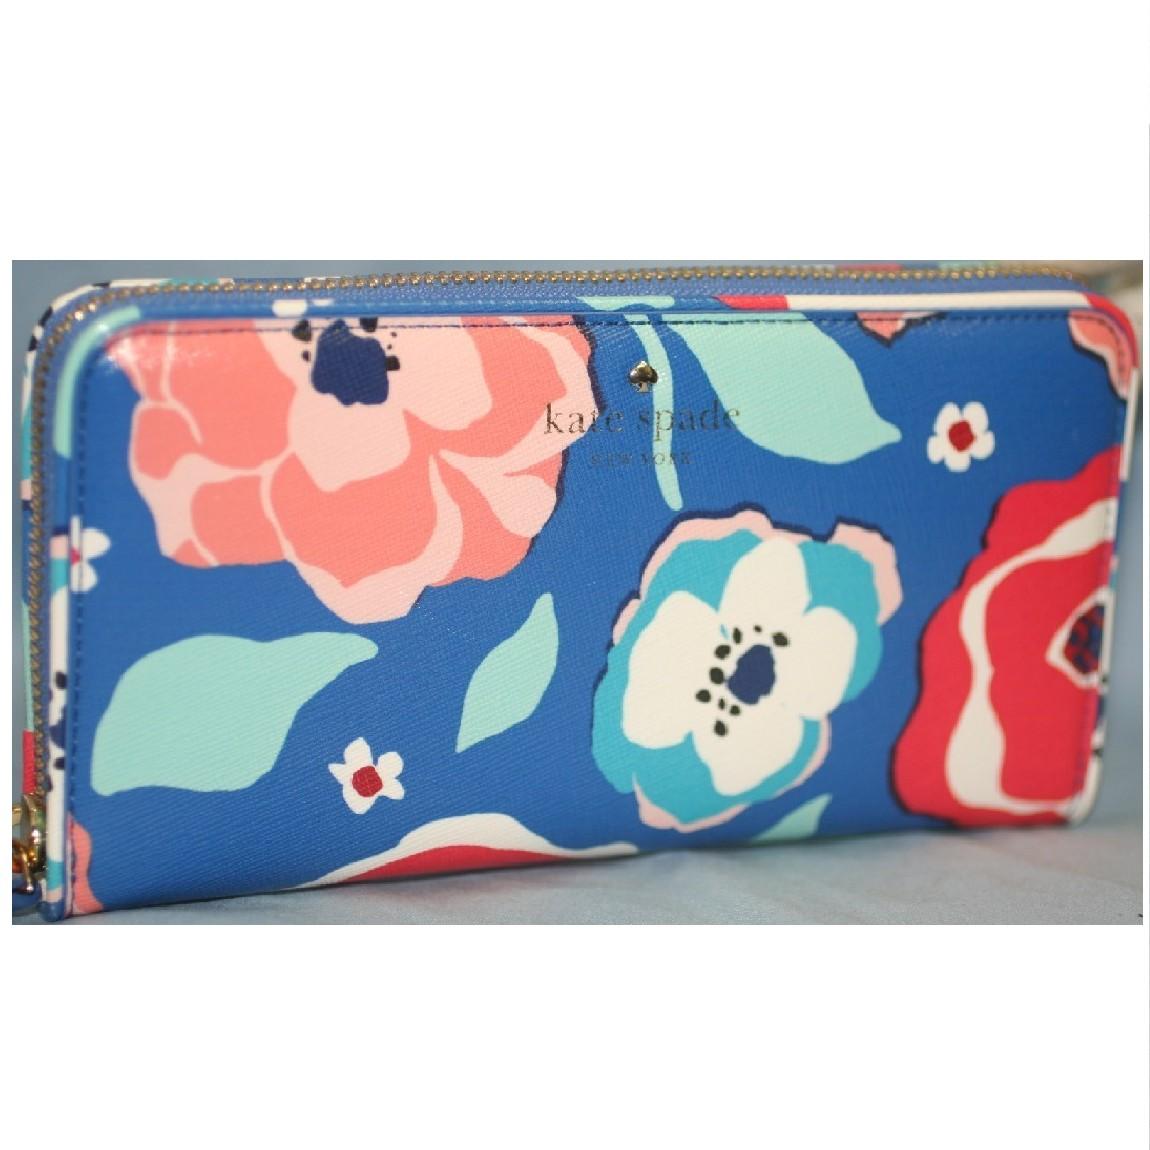 【中古】新品未使用ケイトスペード女性用青色地に大きいバラの絵柄ラウンドファスナー長財布PWRU4290プレゼントに最適